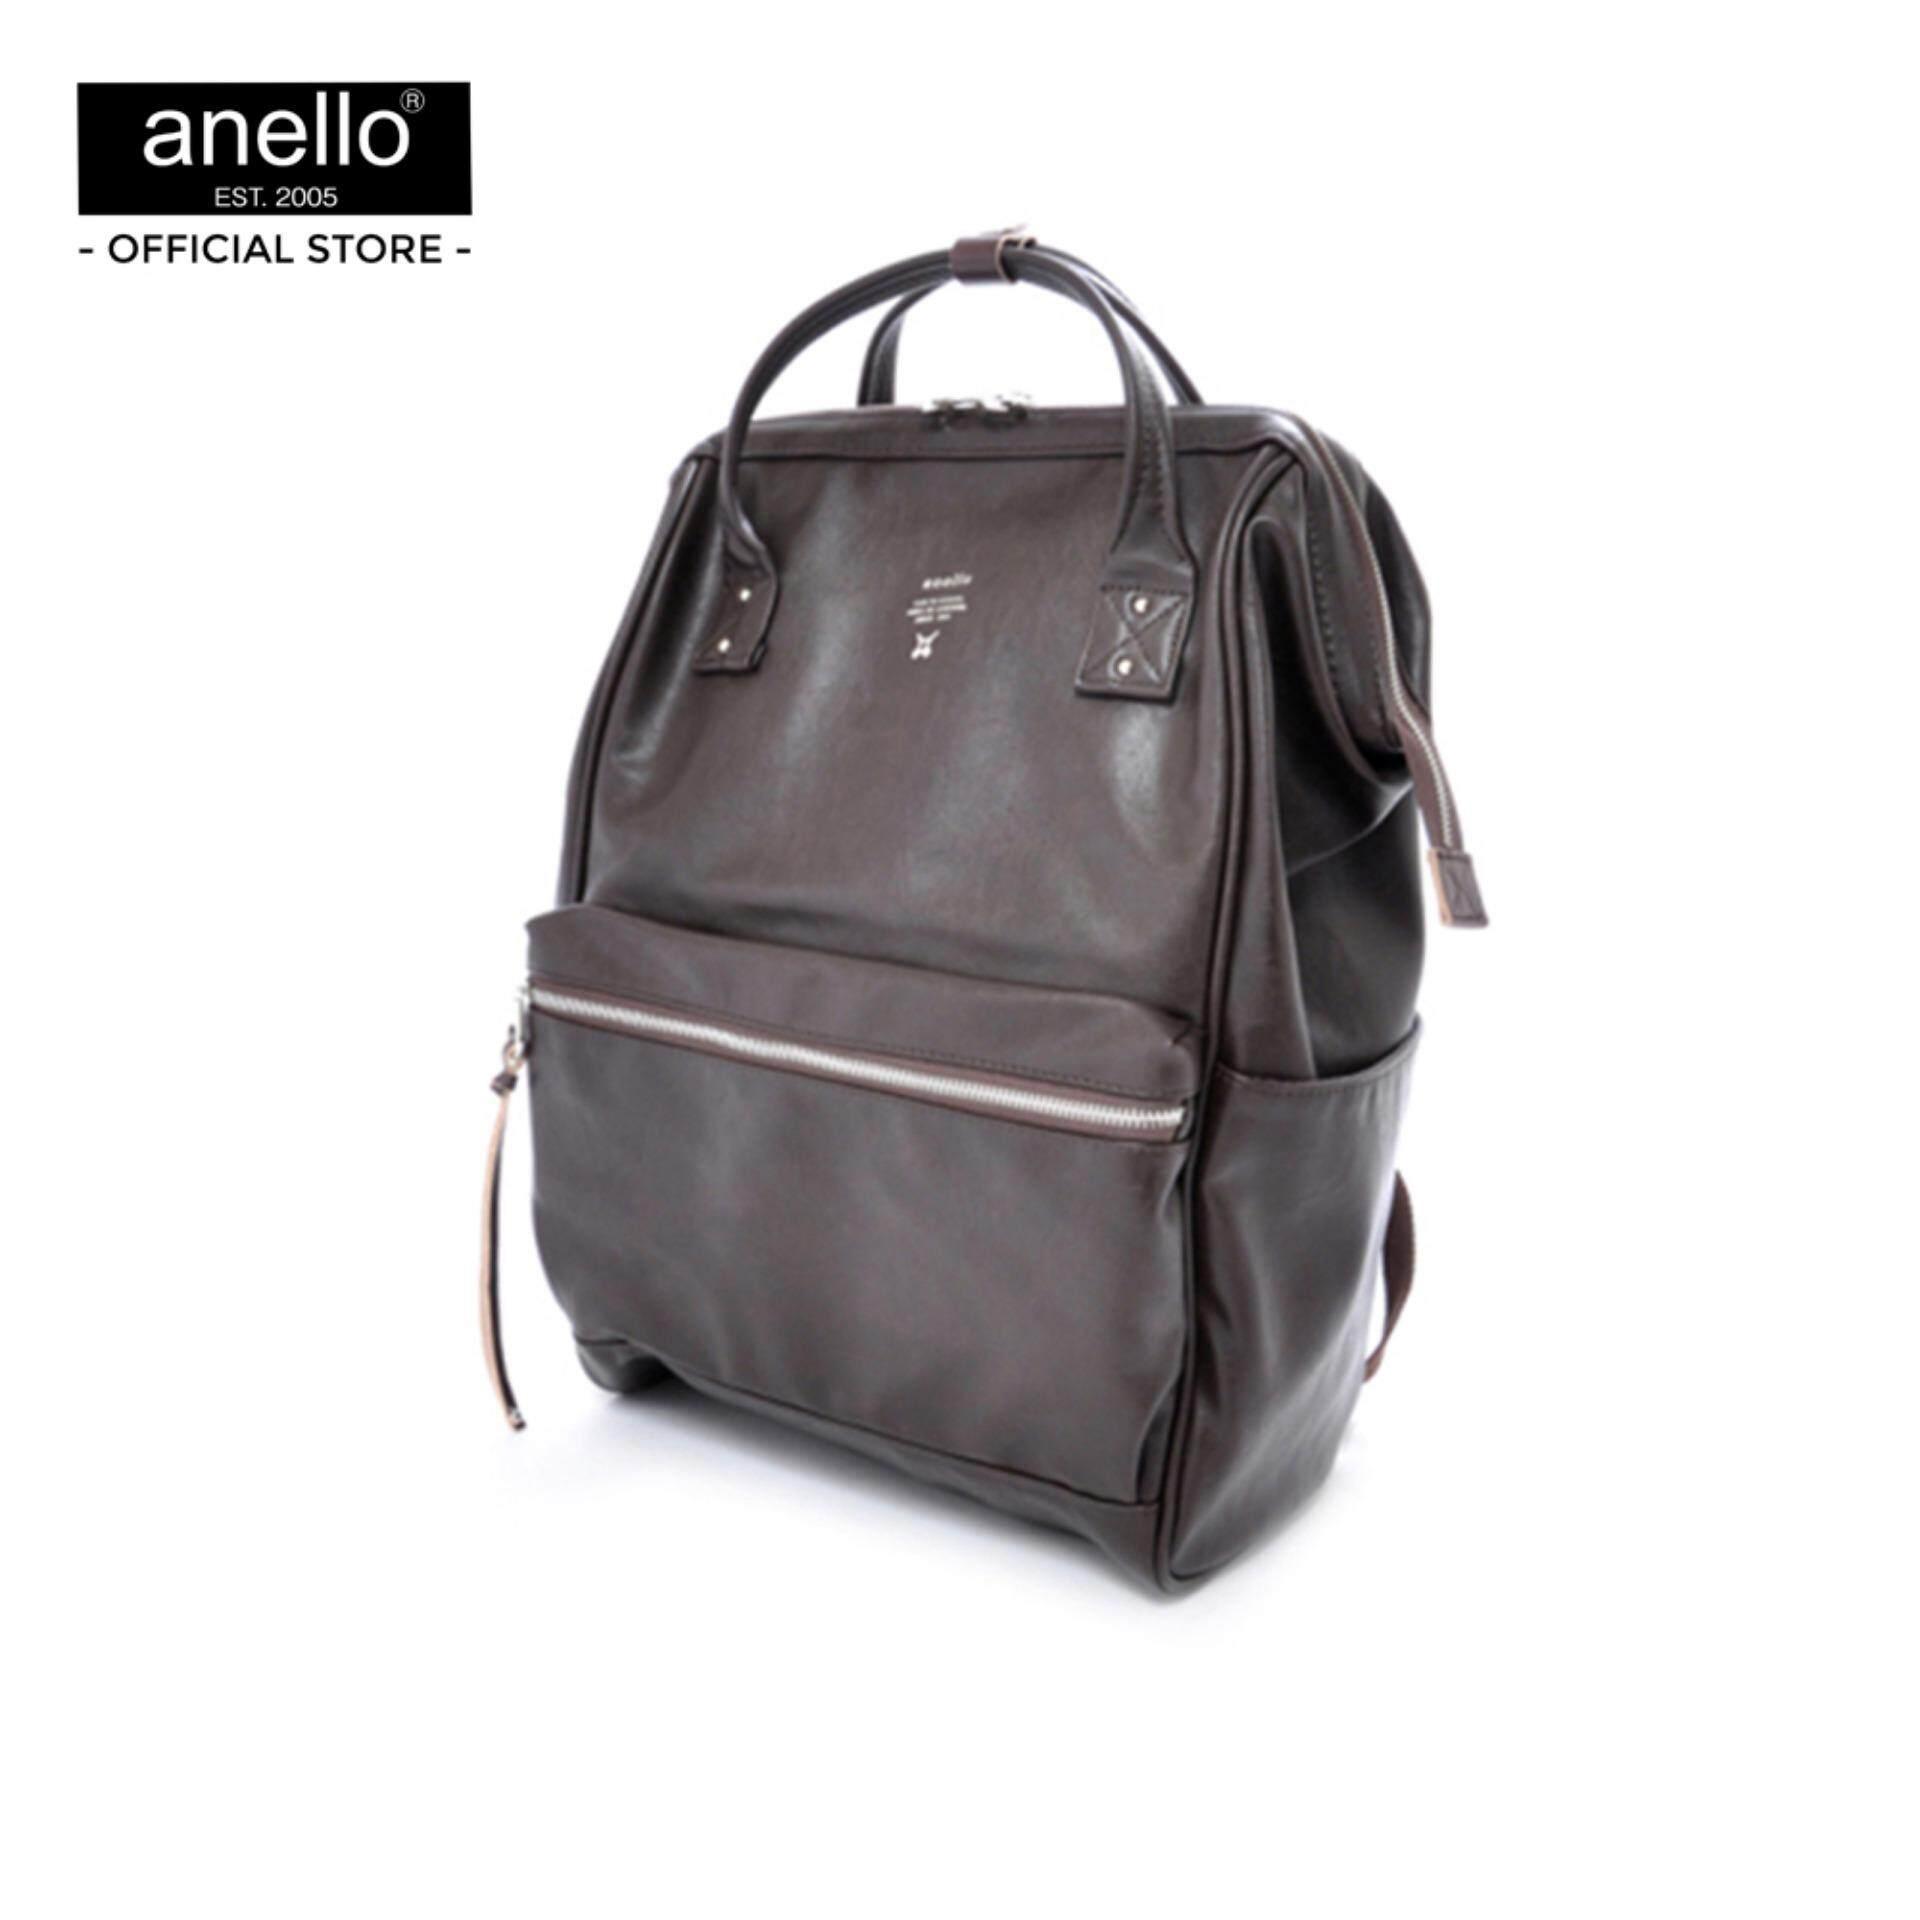 ยี่ห้อนี้ดีไหม  แม่ฮ่องสอน anello กระเป๋า Large Premium Leather Backpack_AT-B1511